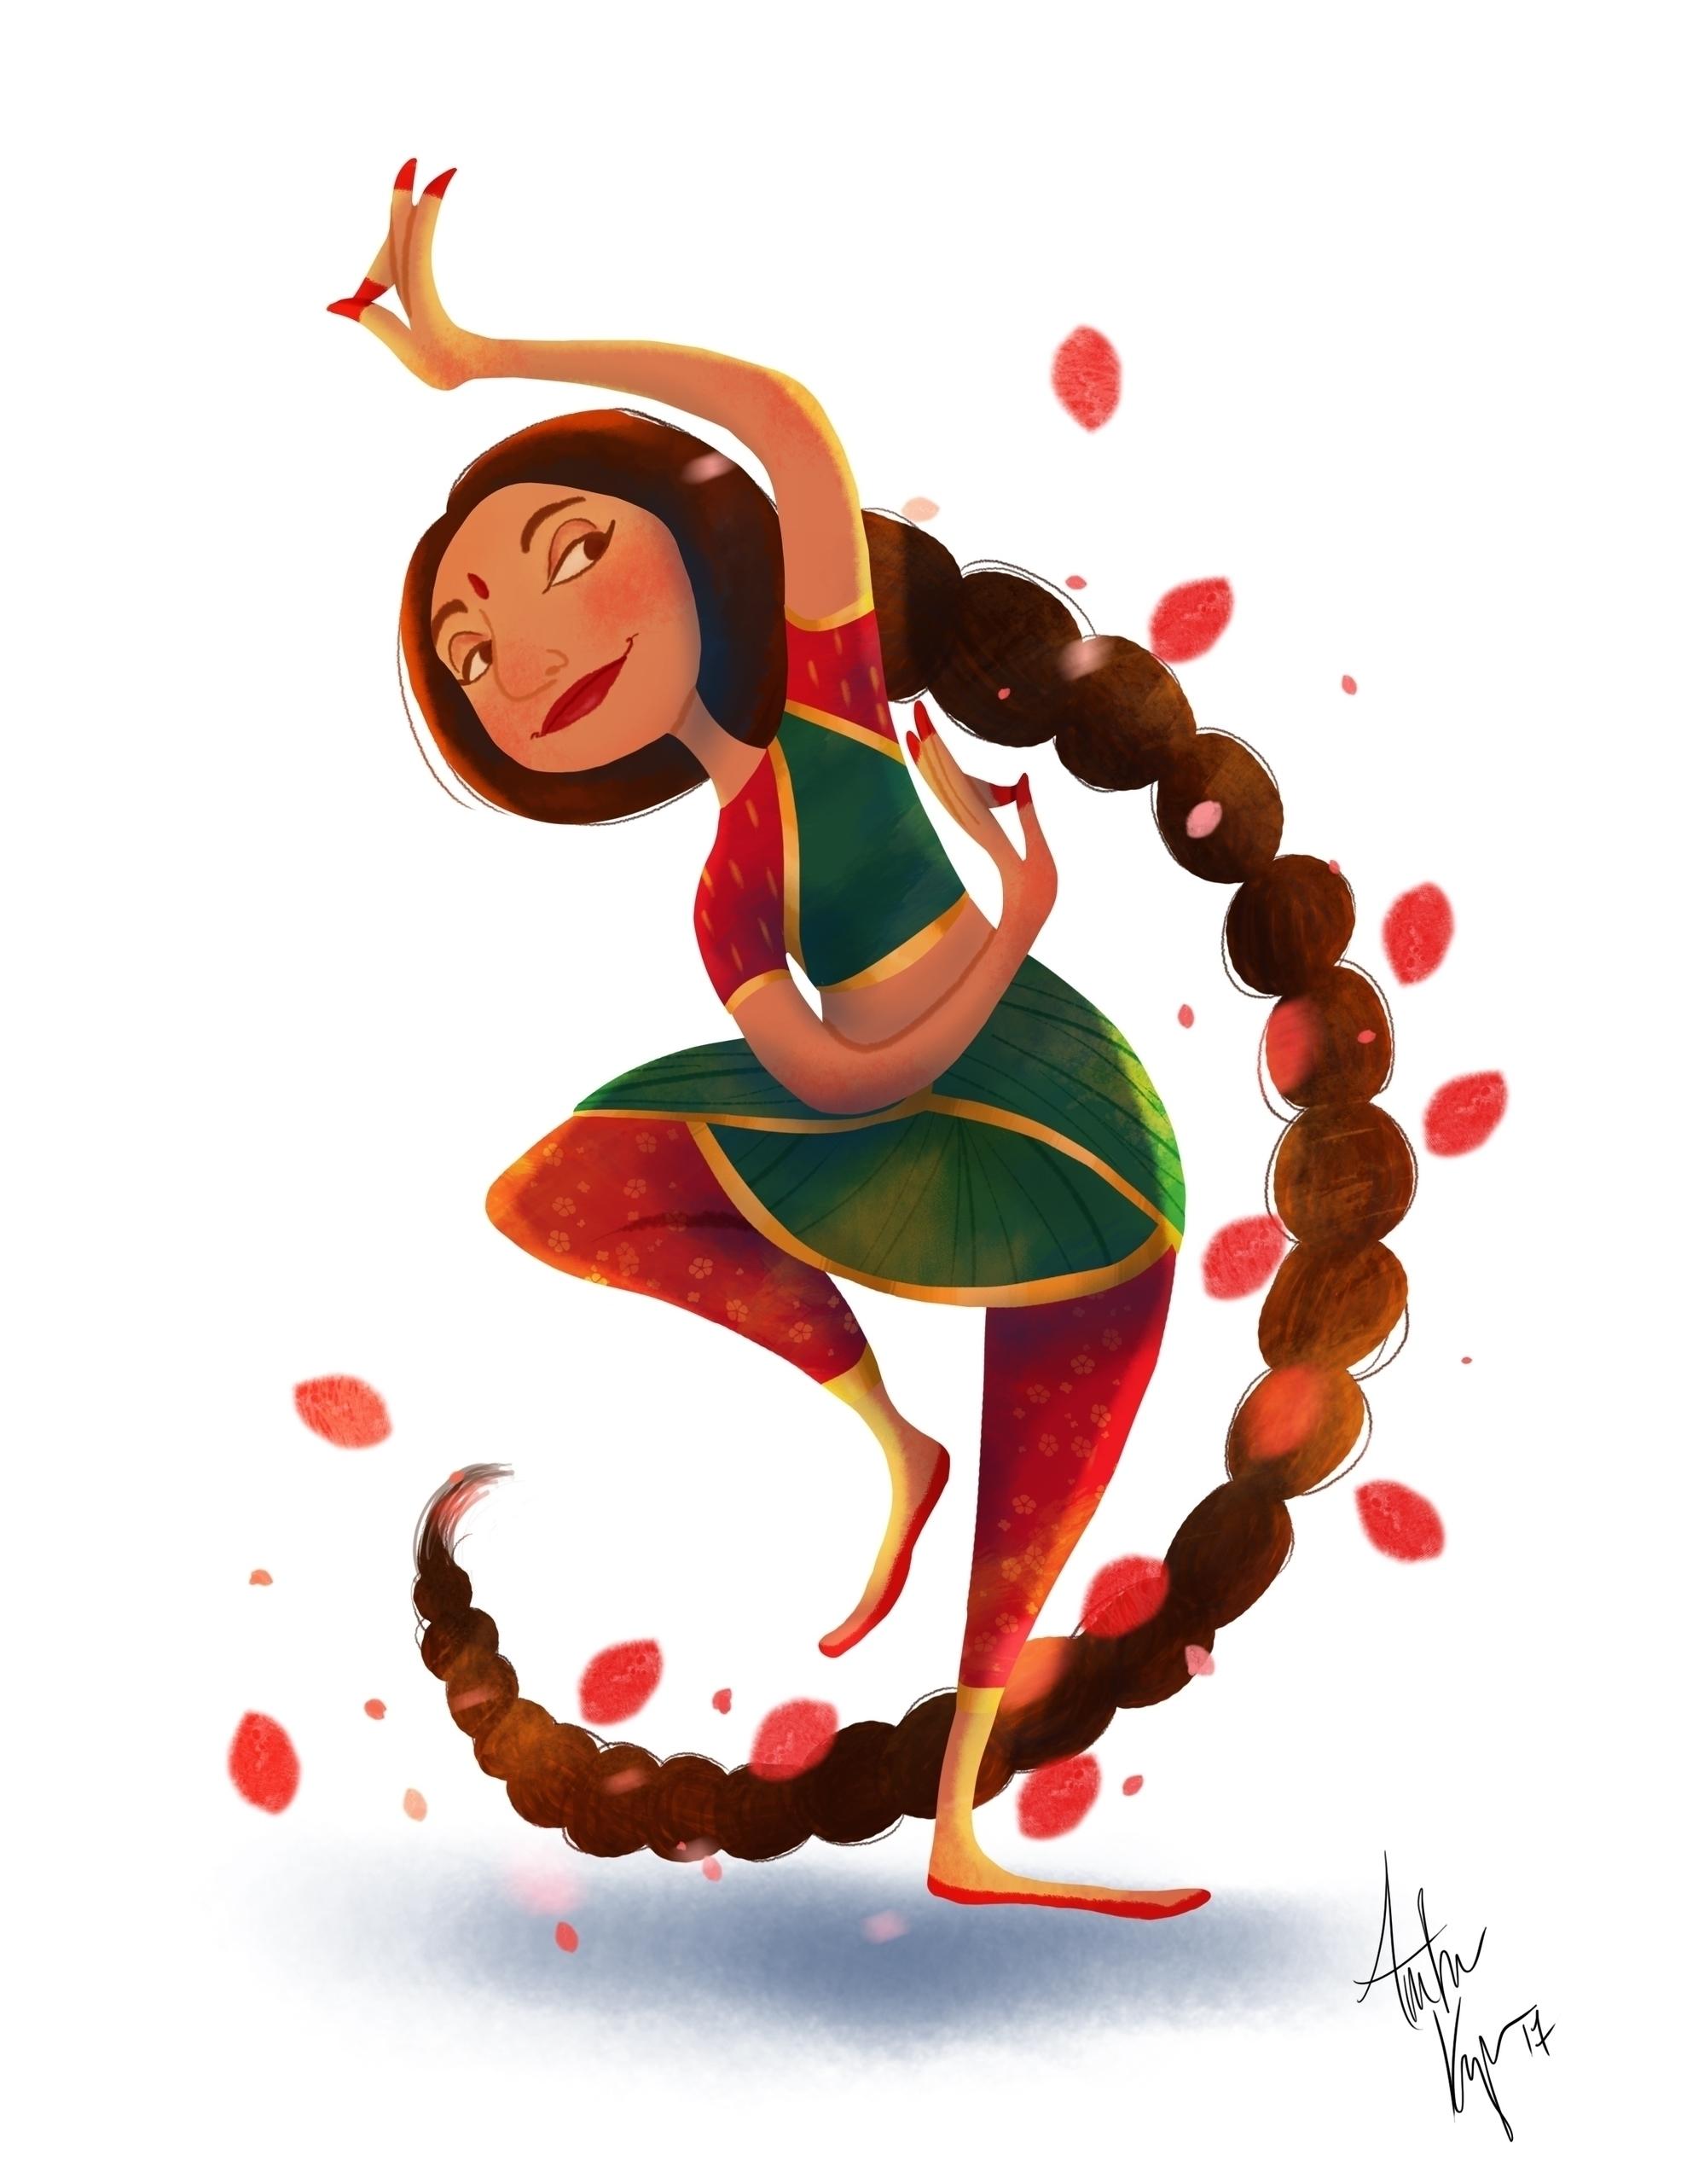 Indian Dancer - characterdesign - amberkrueger | ello